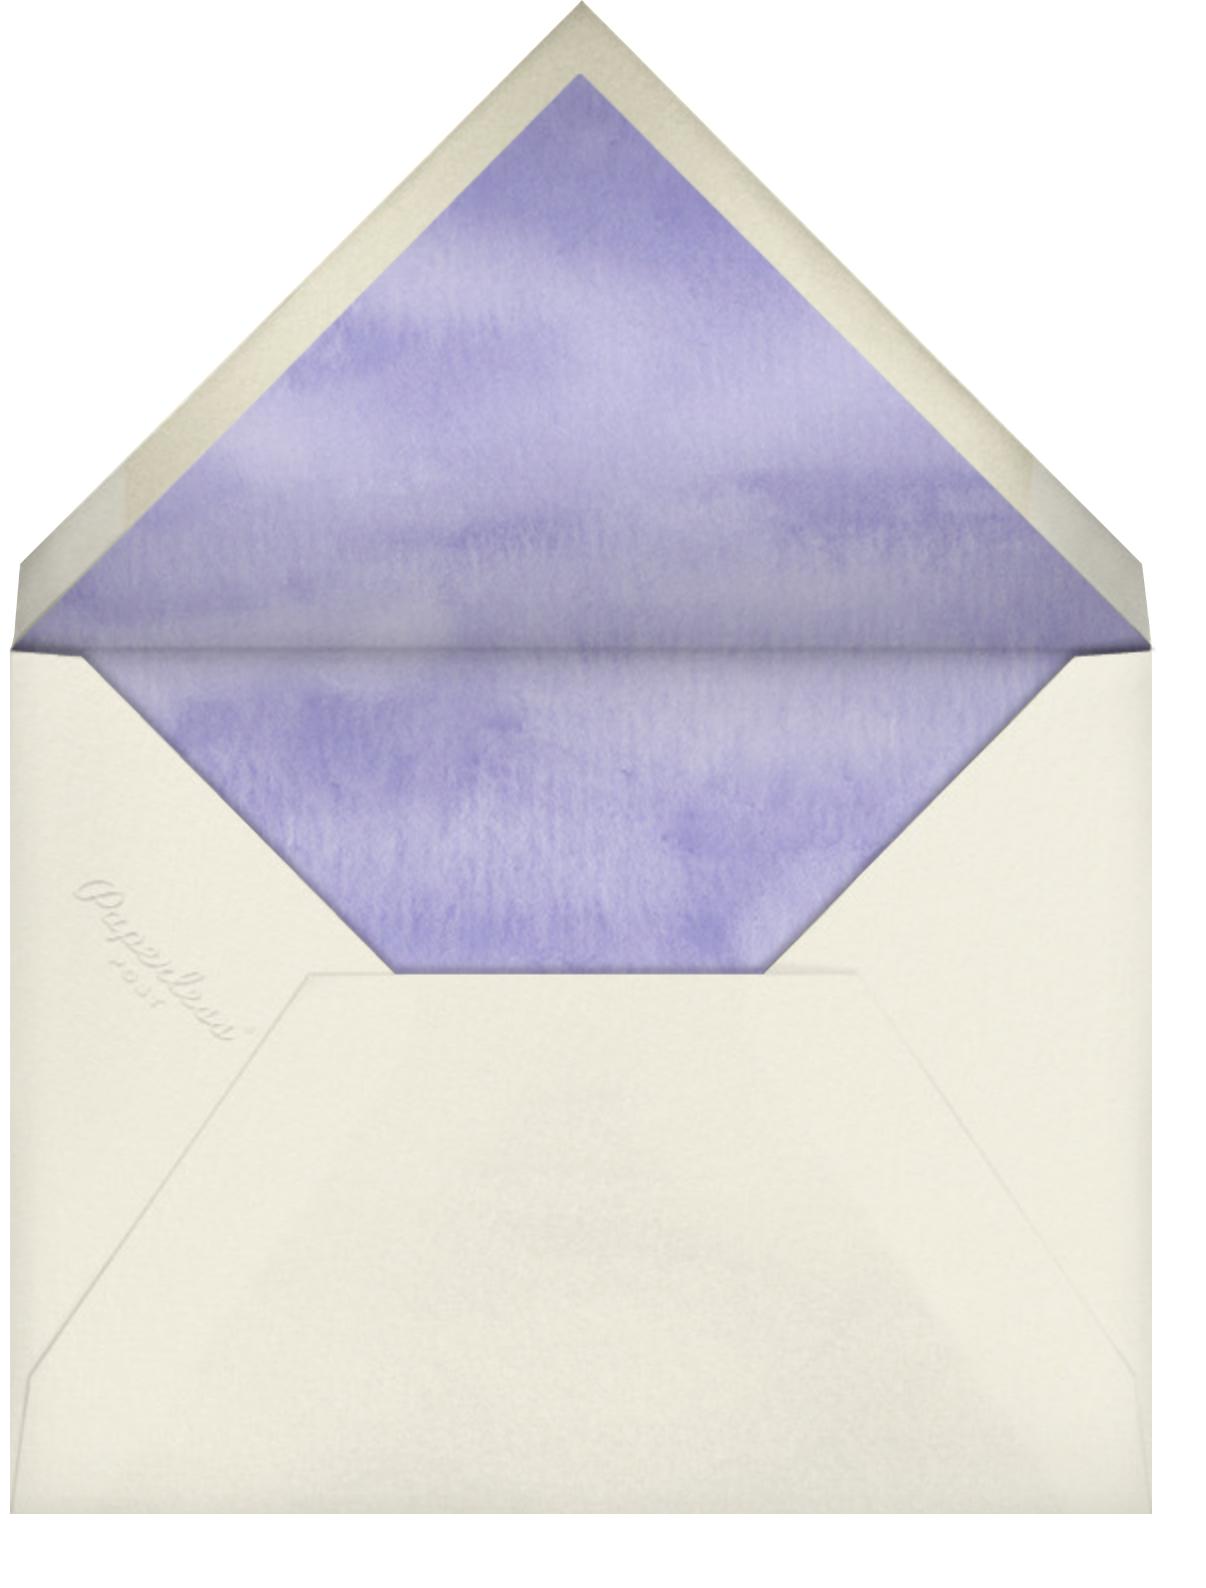 Kitchen Bouquet (Stationery) - Felix Doolittle - Personalized stationery - envelope back